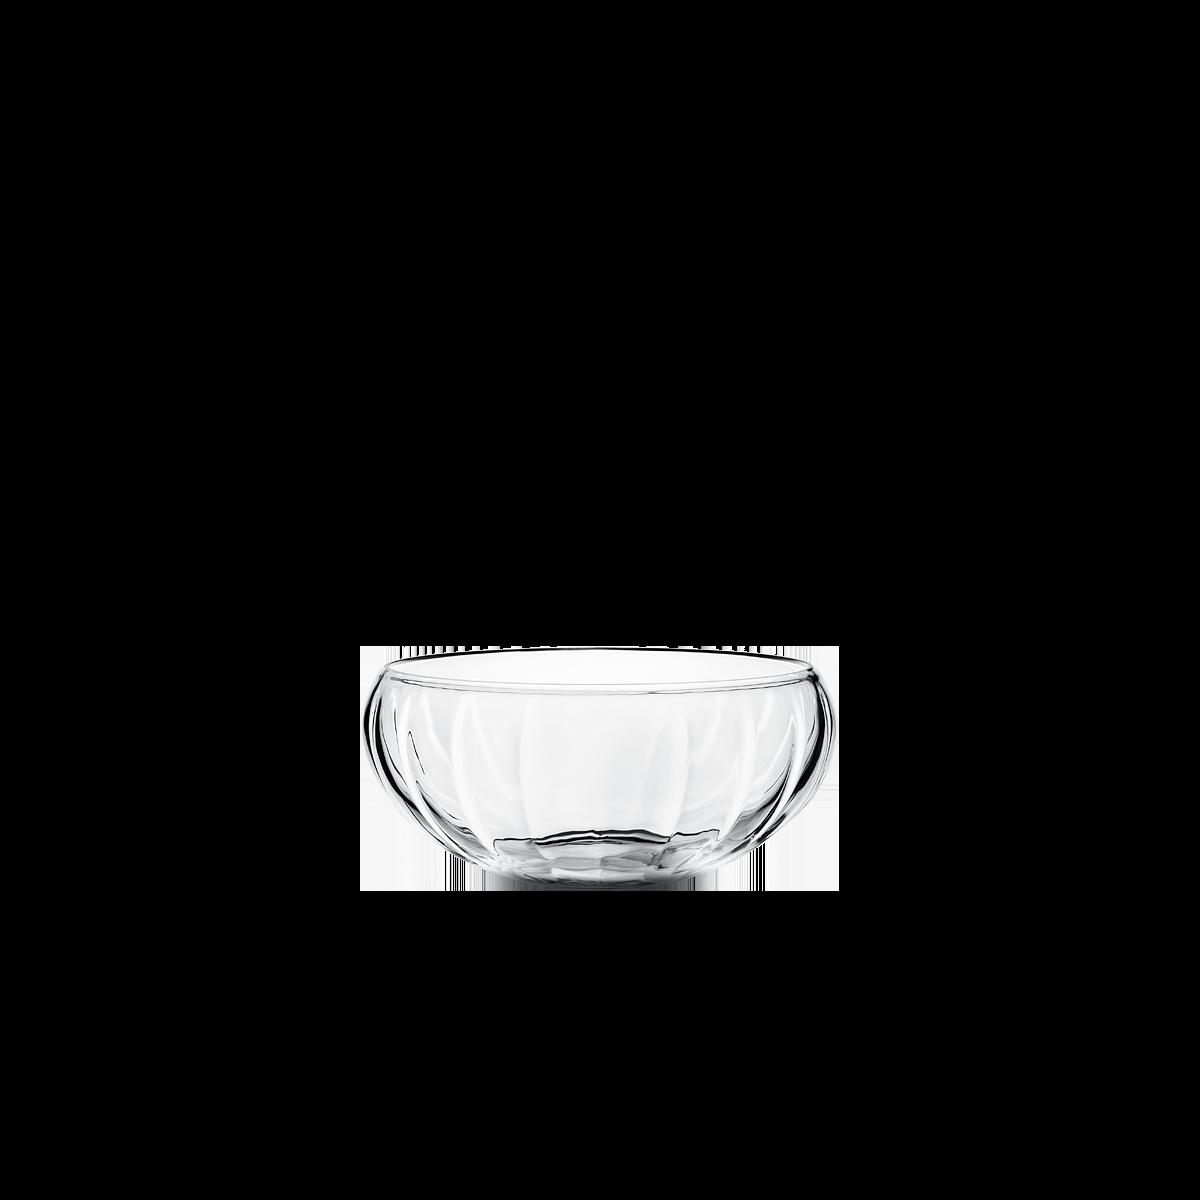 Dekorativa glasskålar